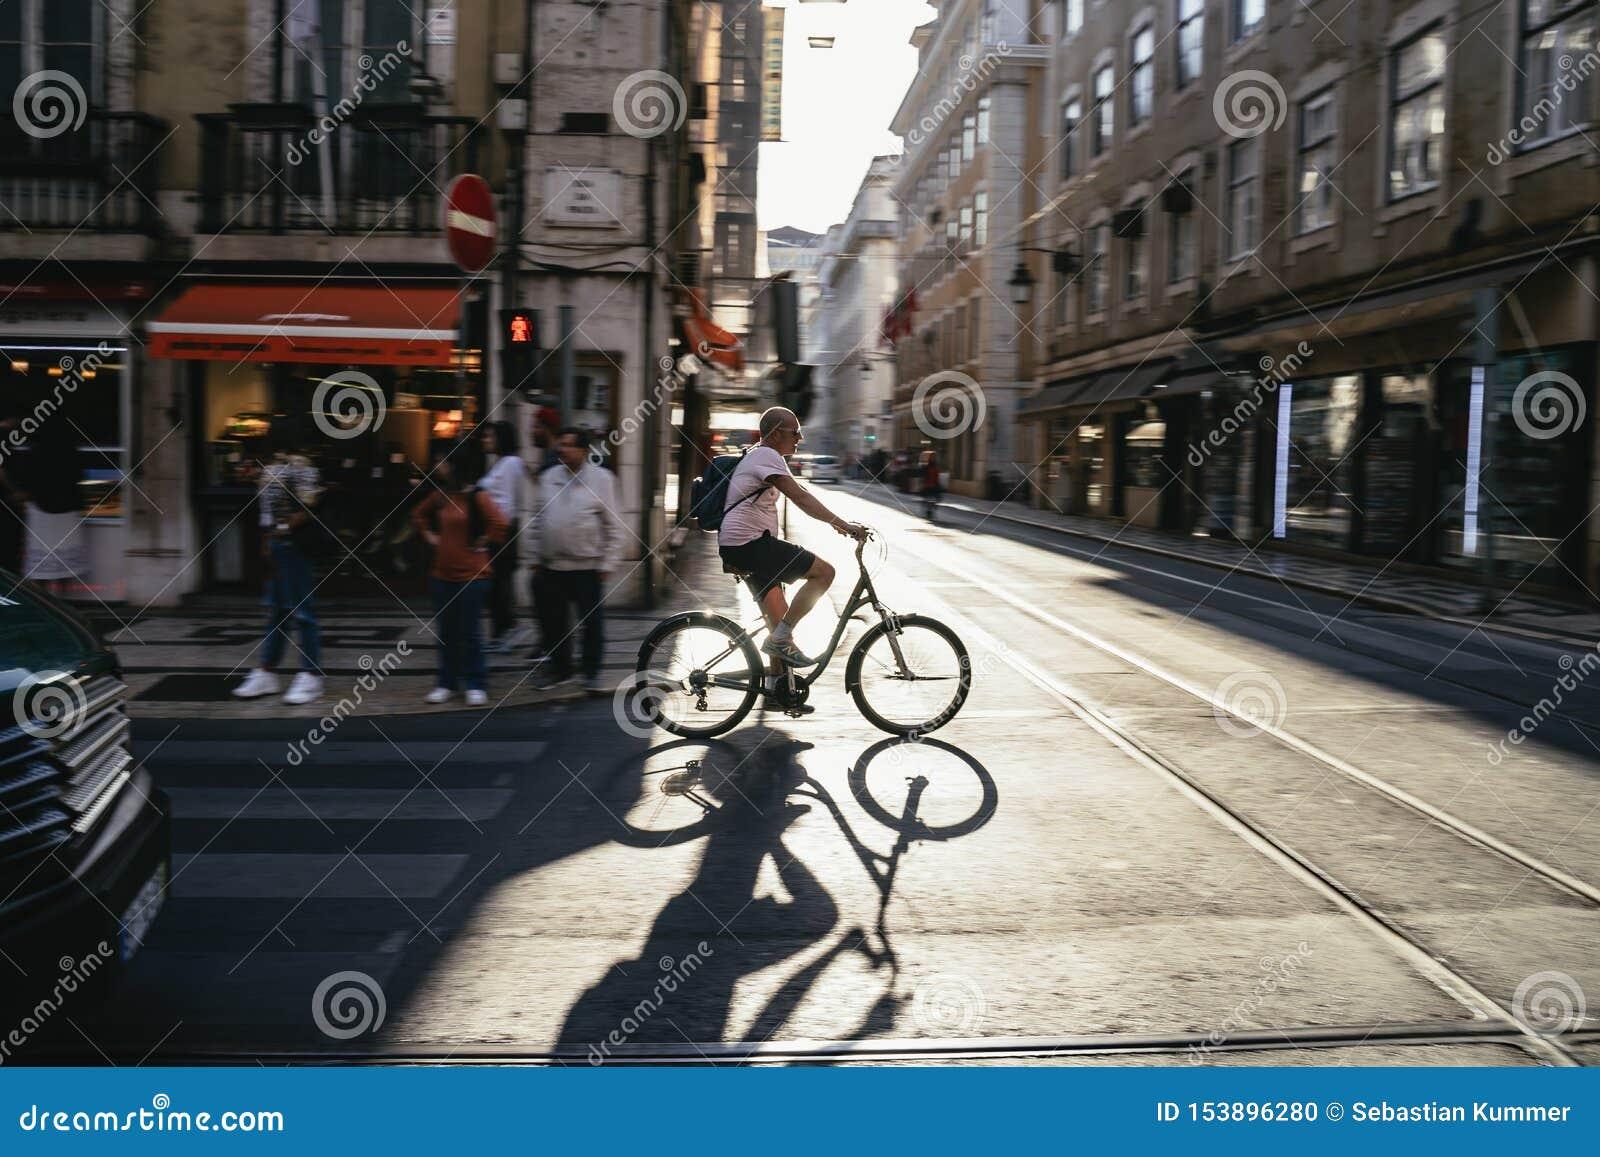 Ciclista que cruza uma interseção na cidade